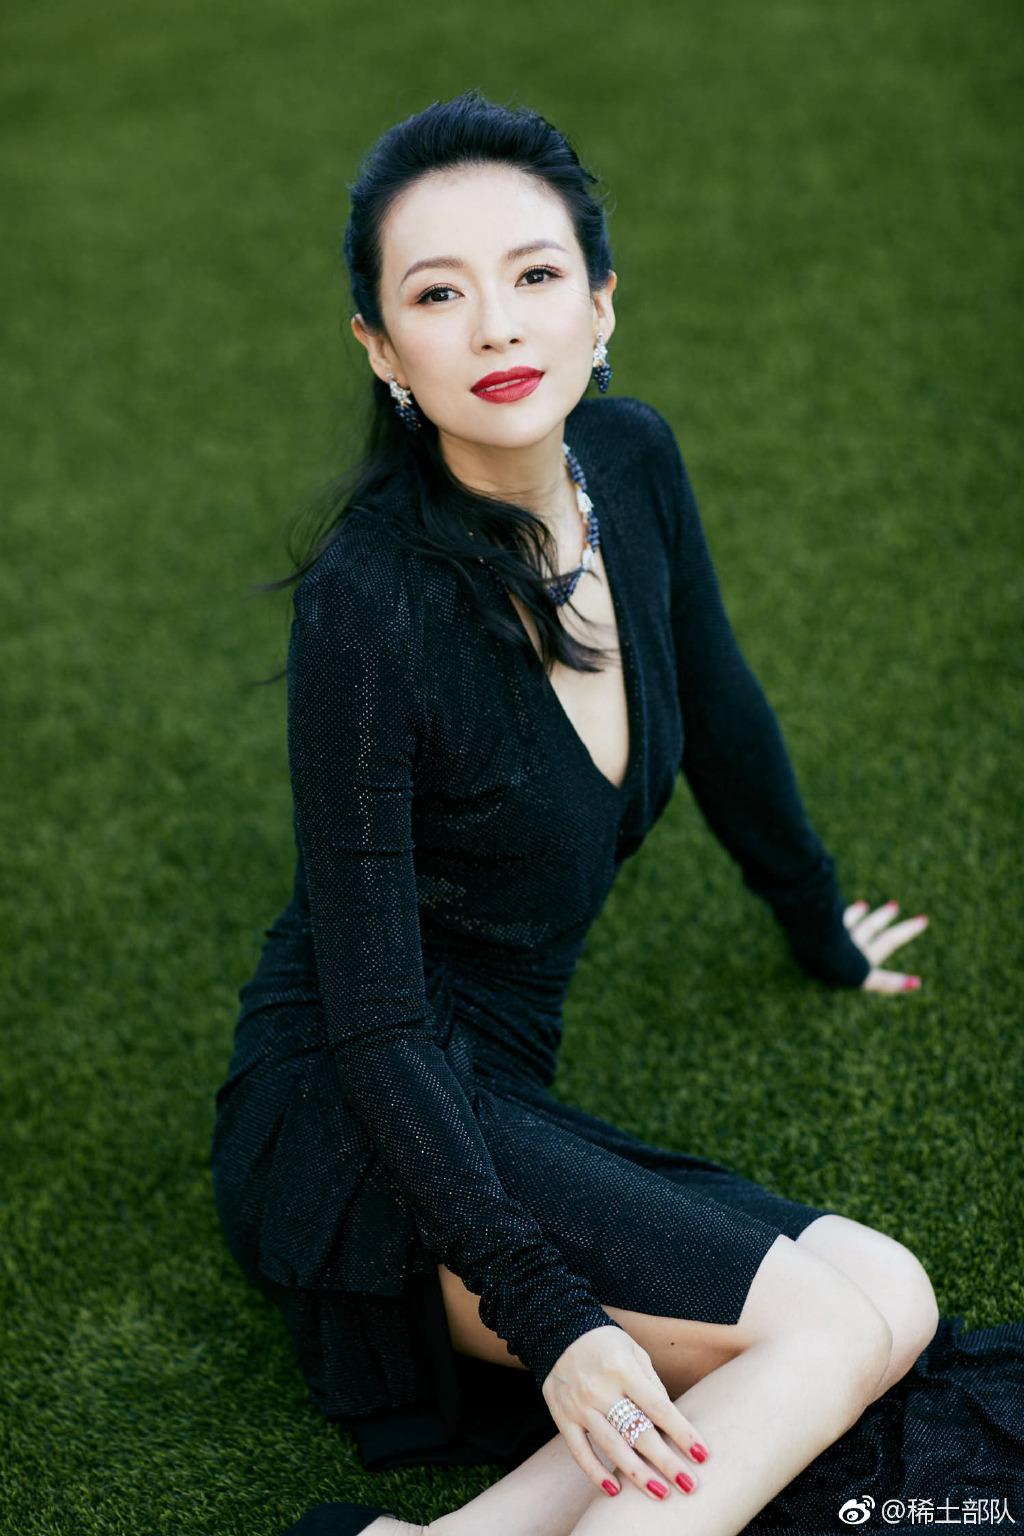 章子怡晒与周杰伦夫妇合影,称赞昆凌地表最美,网友:姐